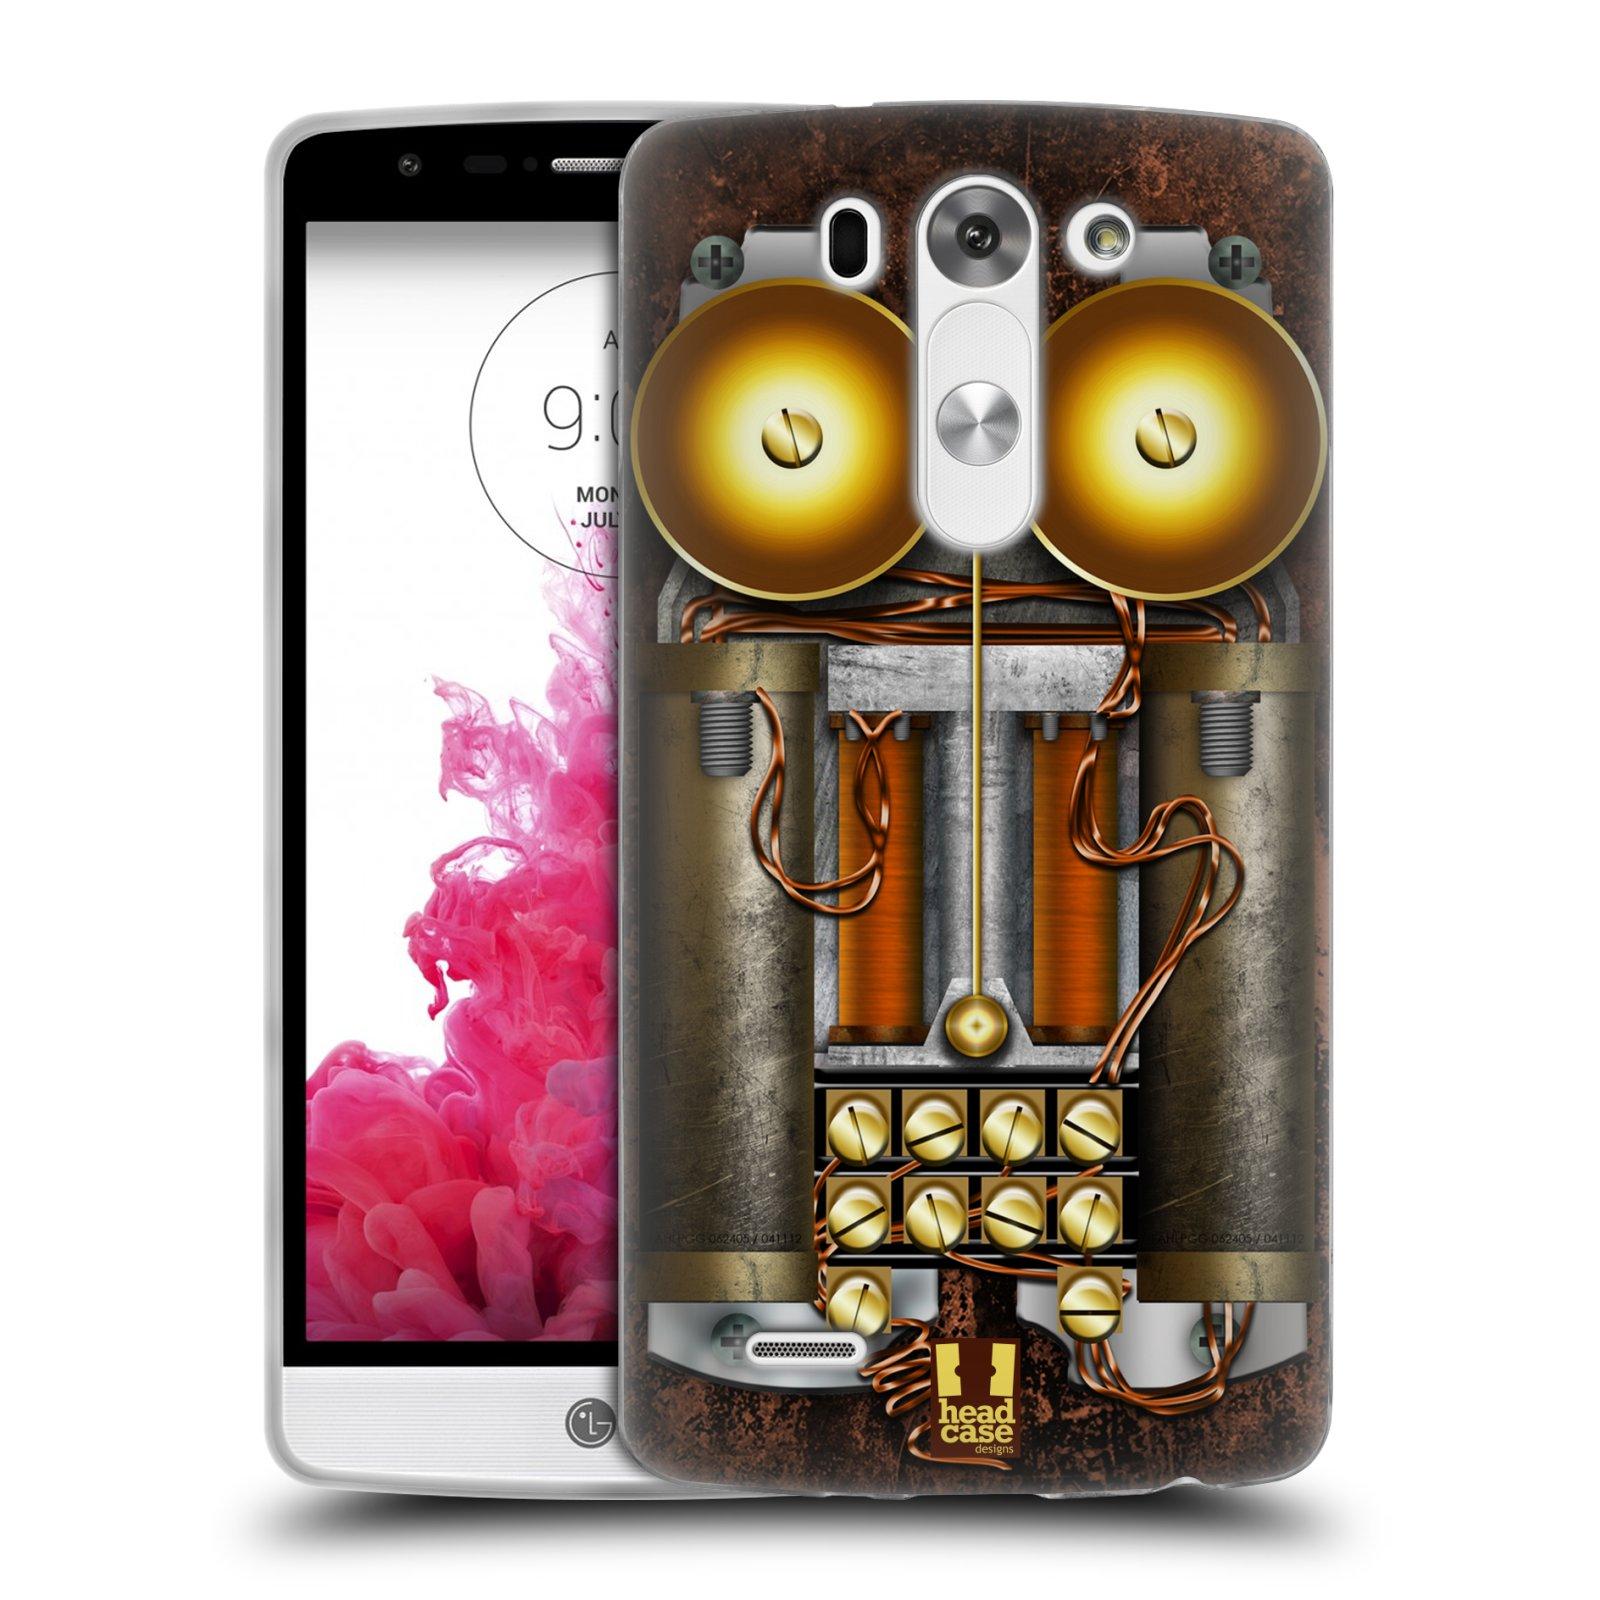 Silikonové pouzdro na mobil LG G3s HEAD CASE STEAMPUNK TELEFON (Silikonový kryt či obal na mobilní telefon LG G3s D722)